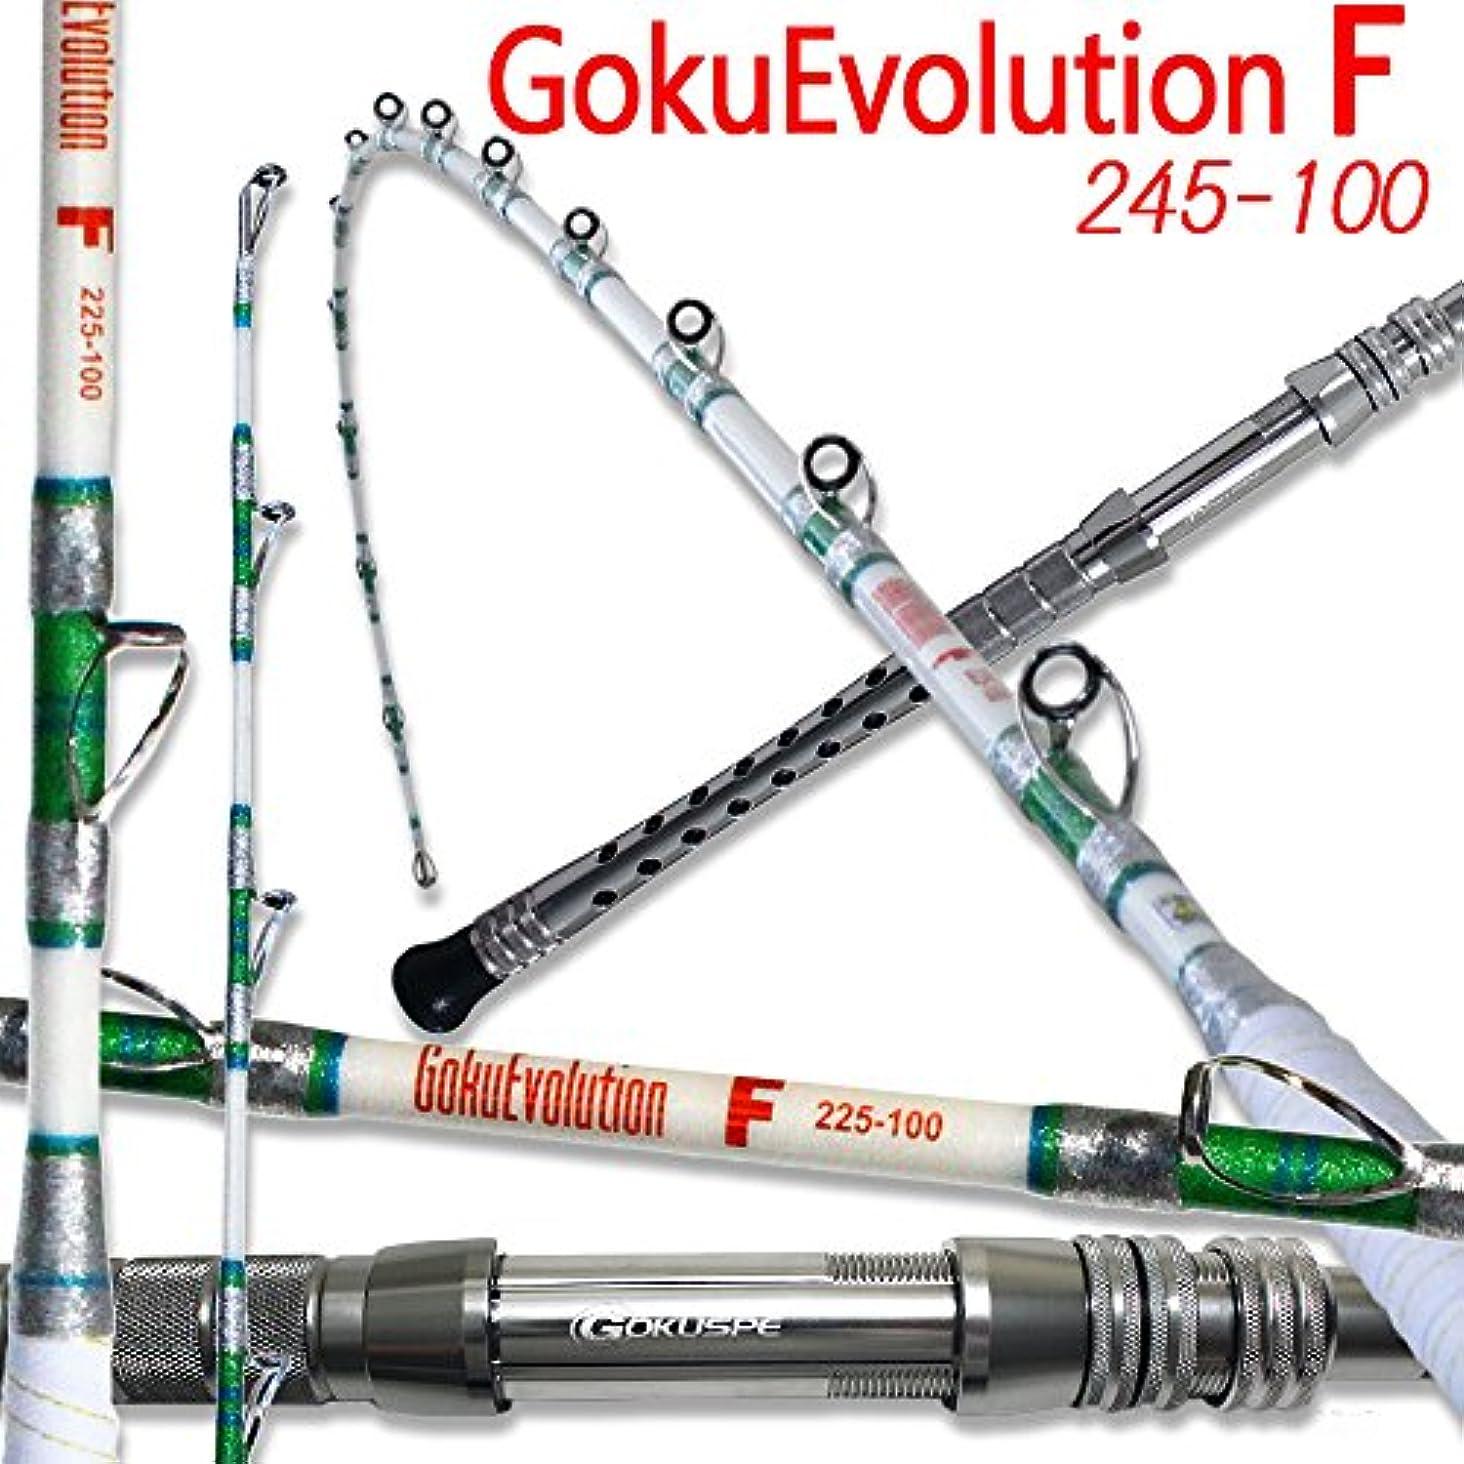 実験室ブームアパル総糸巻 GokuEvolution F 245-100 パールホワイト [90069-w]